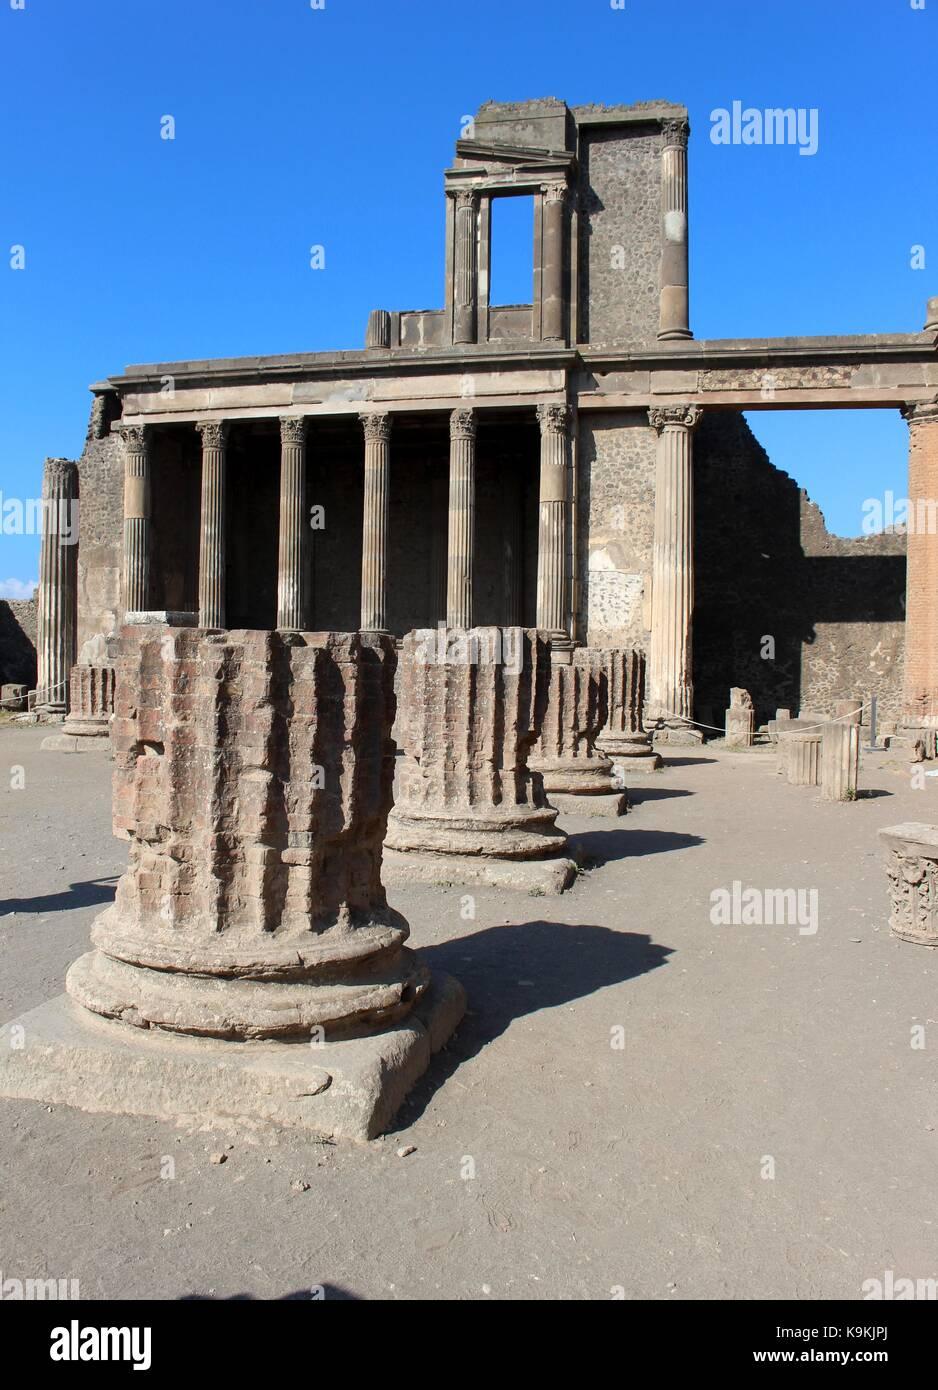 Los restos arqueológicos de Pompeya, demuestra la capacidad de la naturaleza para destruir y conservar. Imagen De Stock